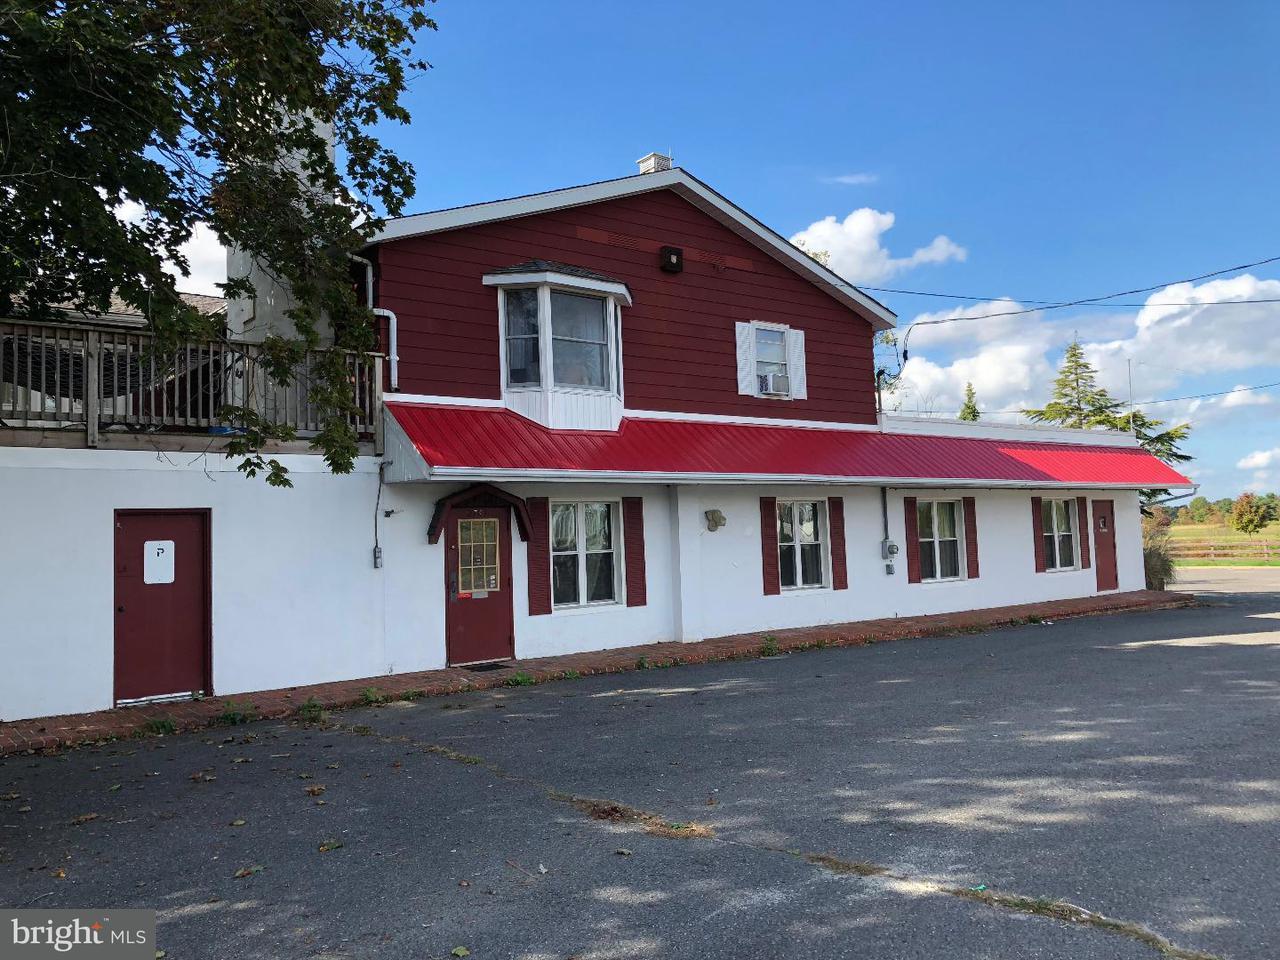 Частный односемейный дом для того Продажа на 2741 ROUTE 206 Mount Holly, Нью-Джерси 08060 Соединенные Штаты